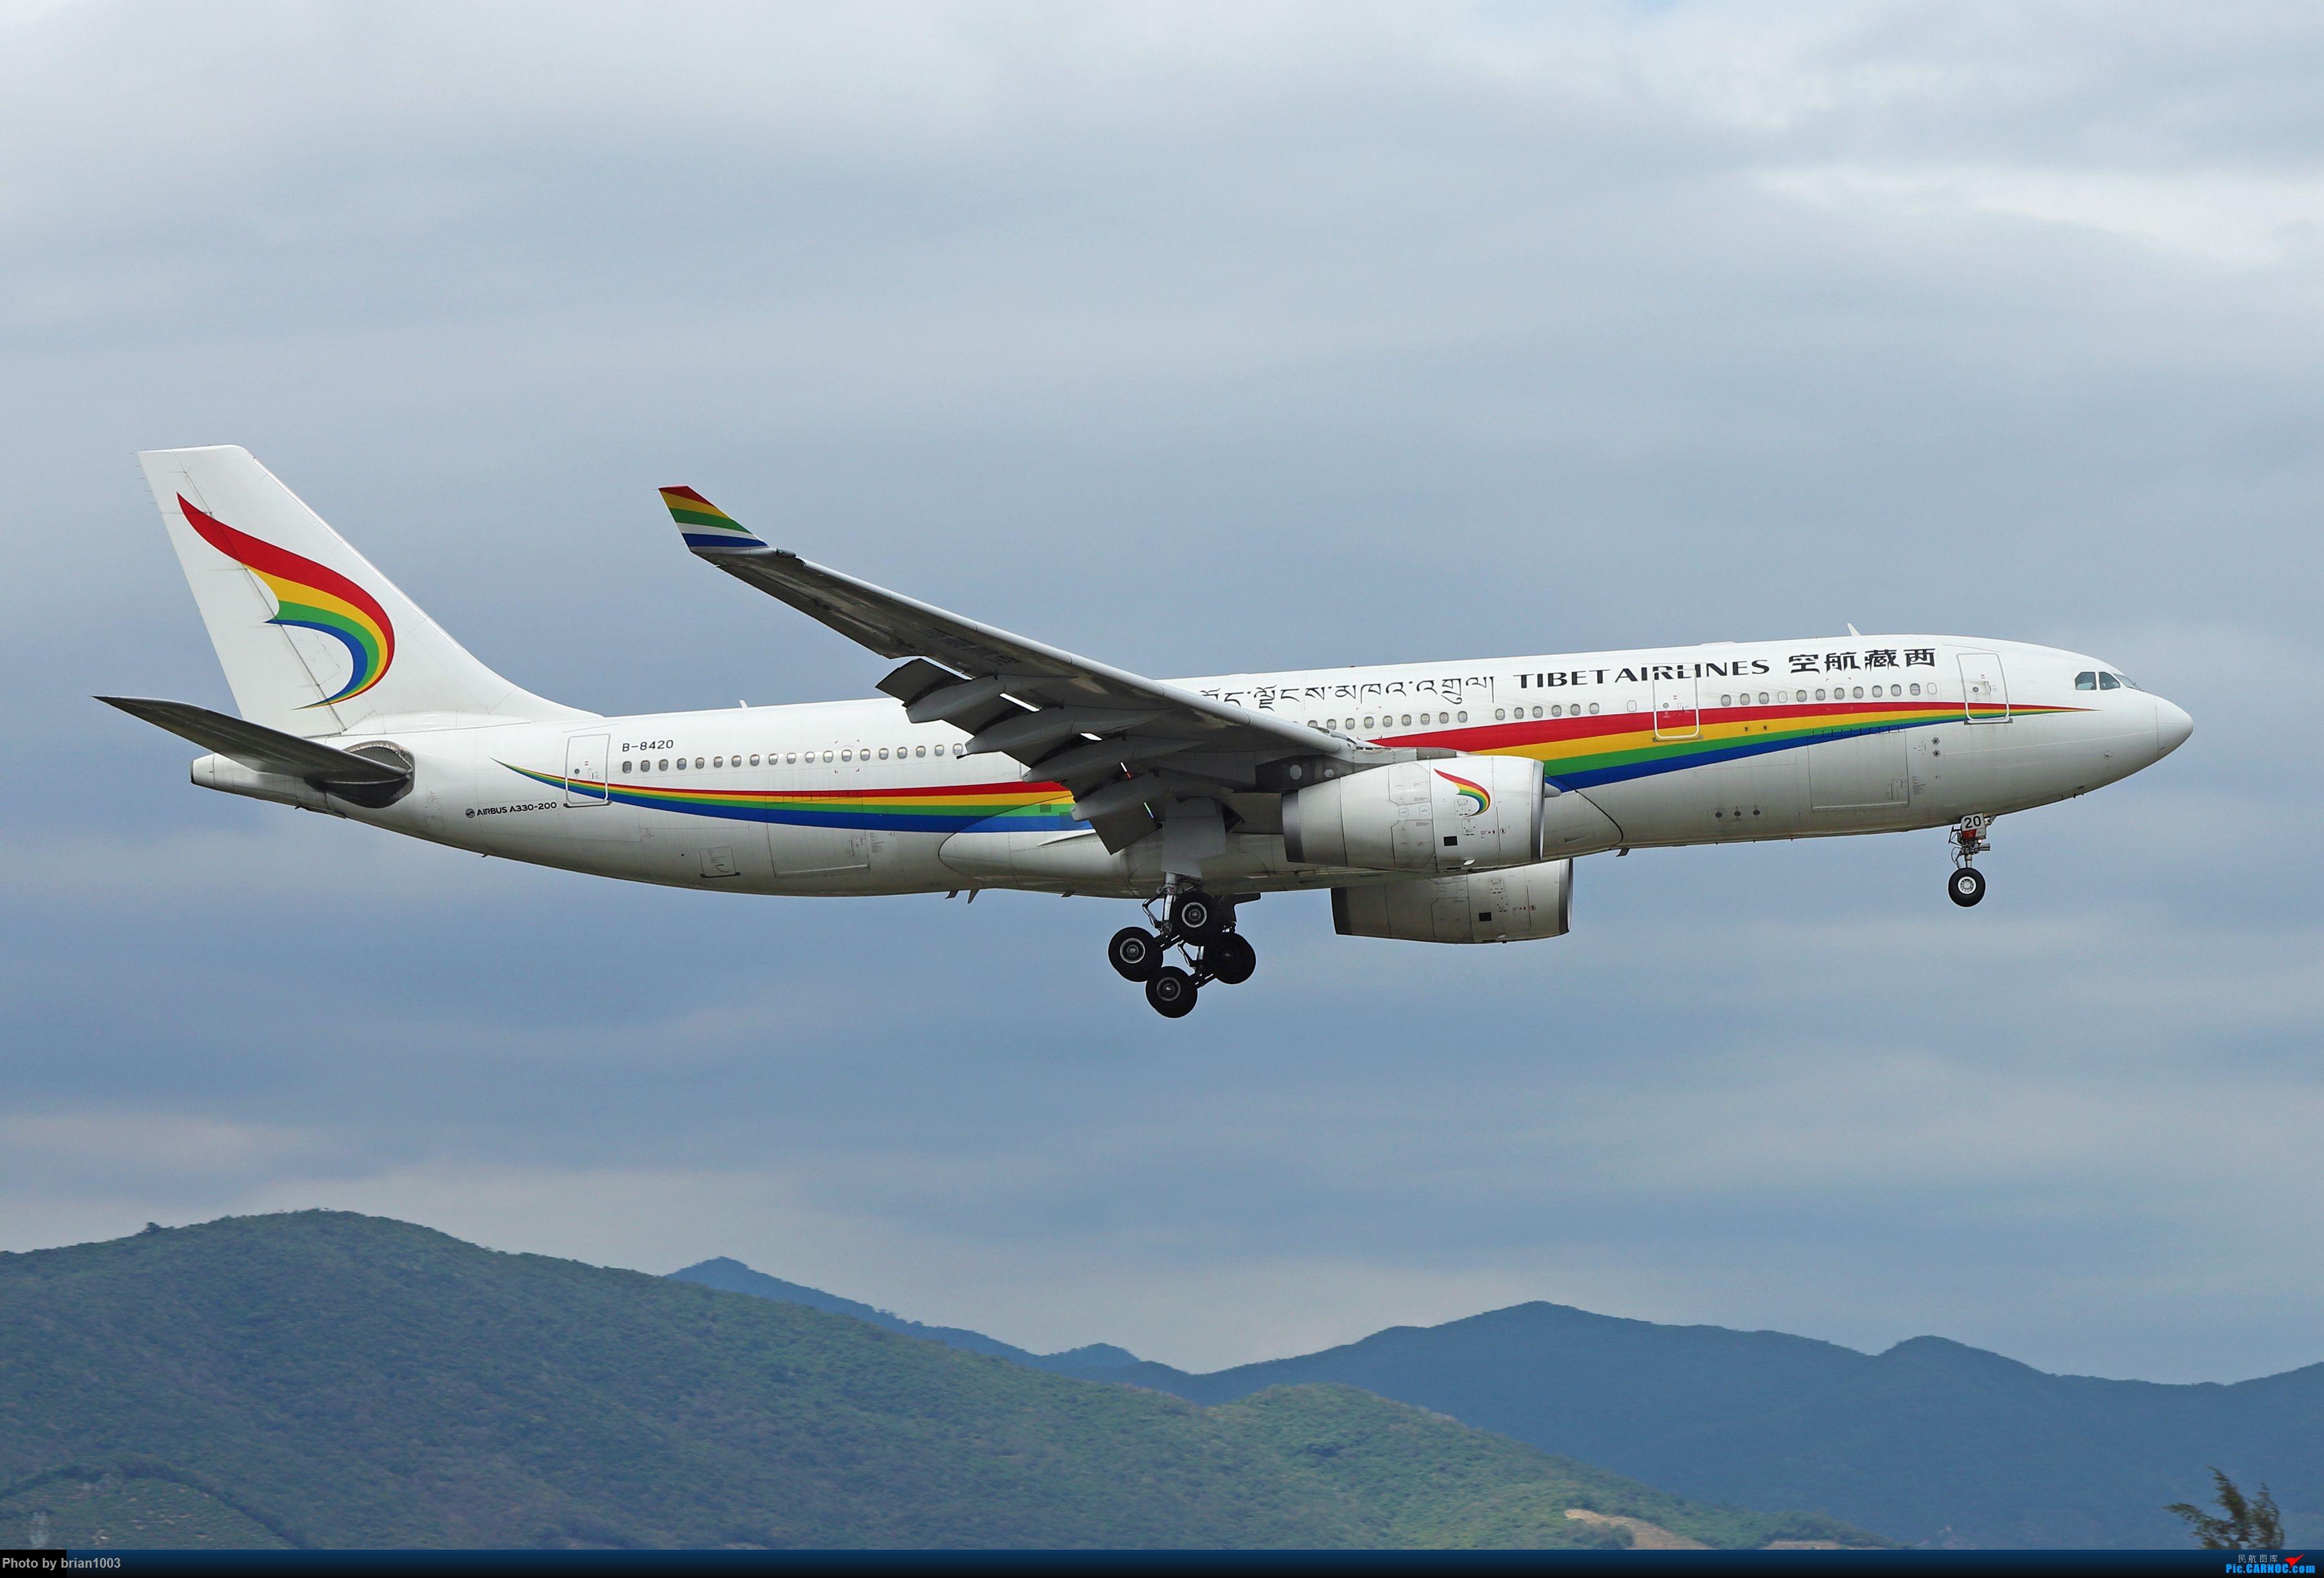 Re:[原创]CZ3347-CZ6734-HU7659,忙里偷闲的三亚拍机之行 AIRBUS A330-200 B-8420 中国三亚凤凰国际机场